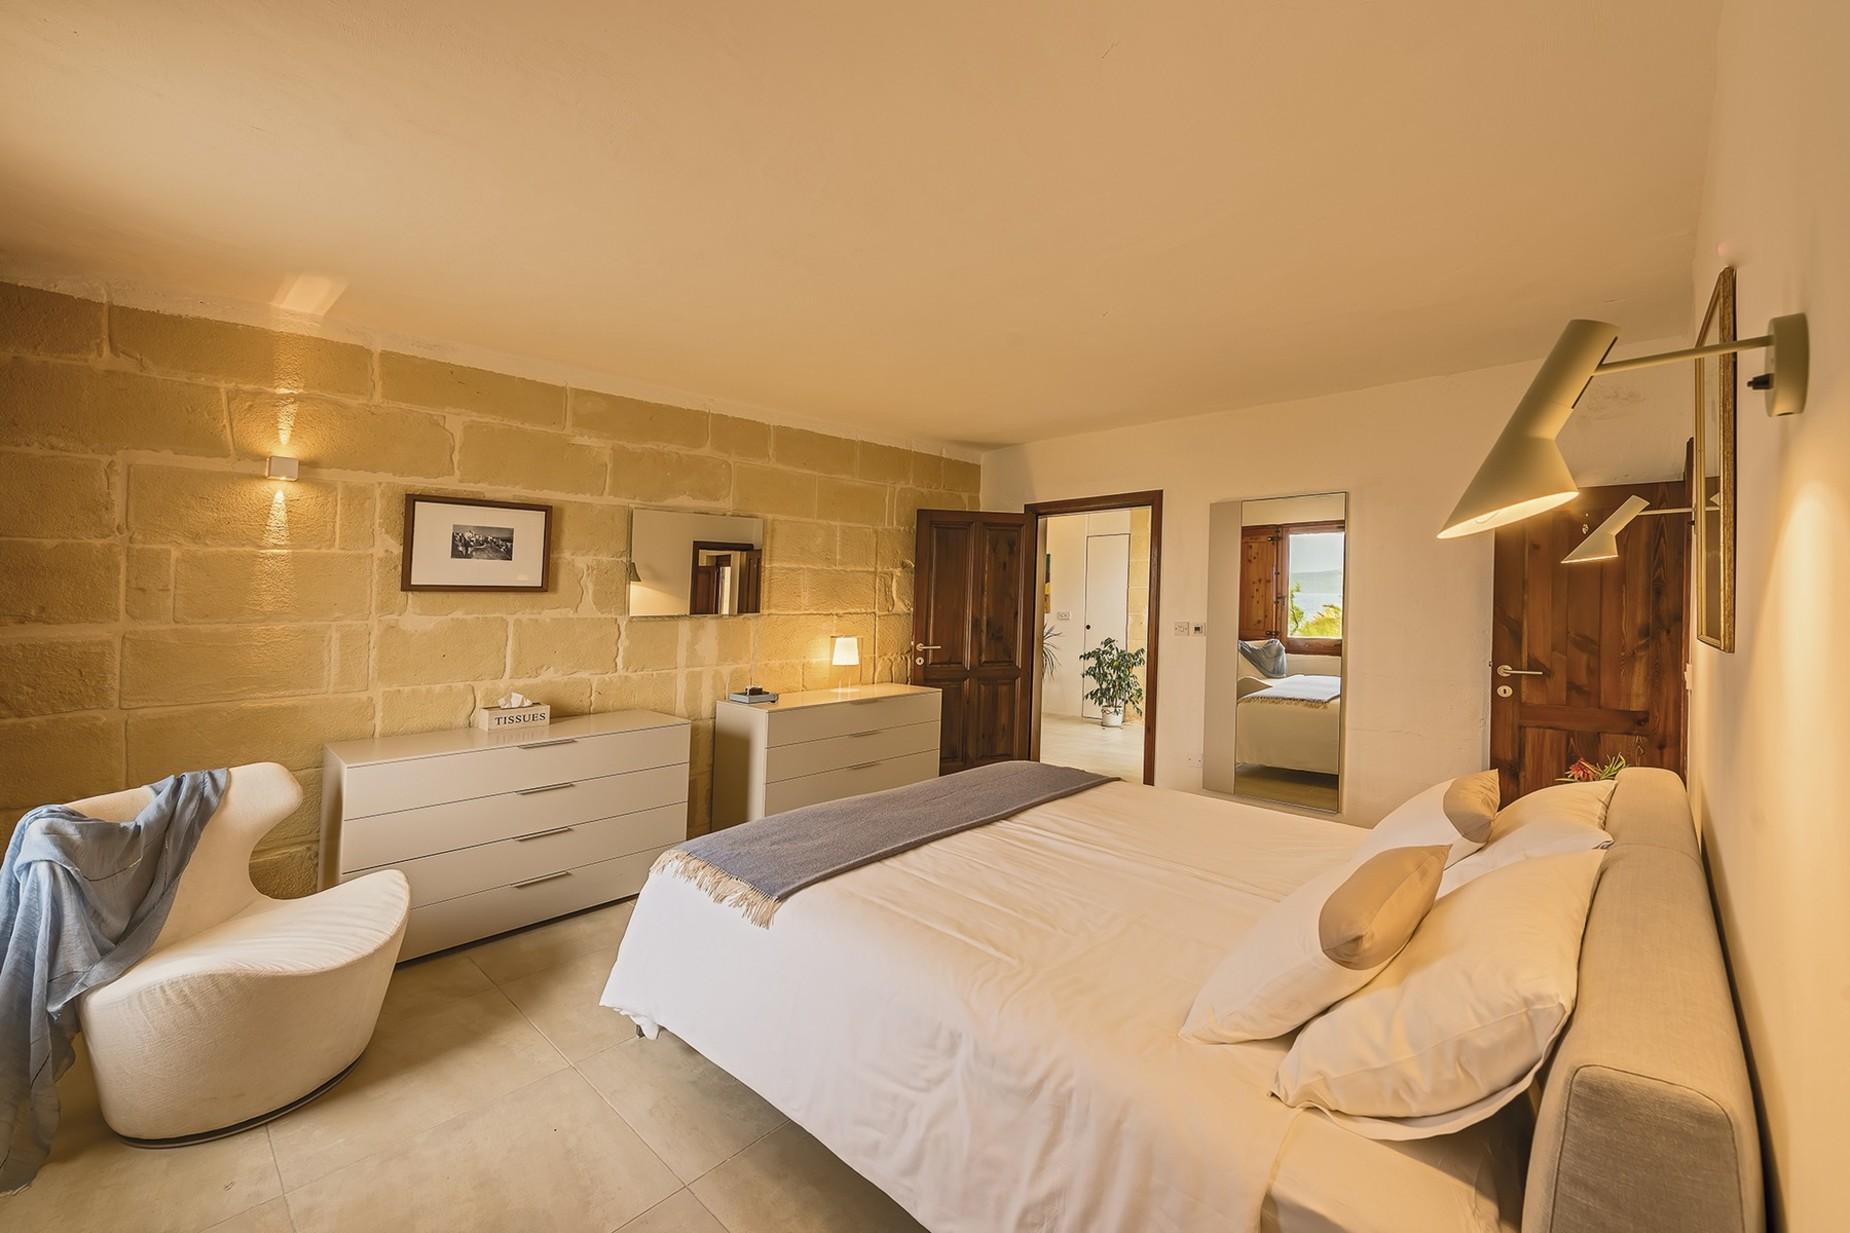 6 bed Villa For Rent in Qala, Qala - thumb 12